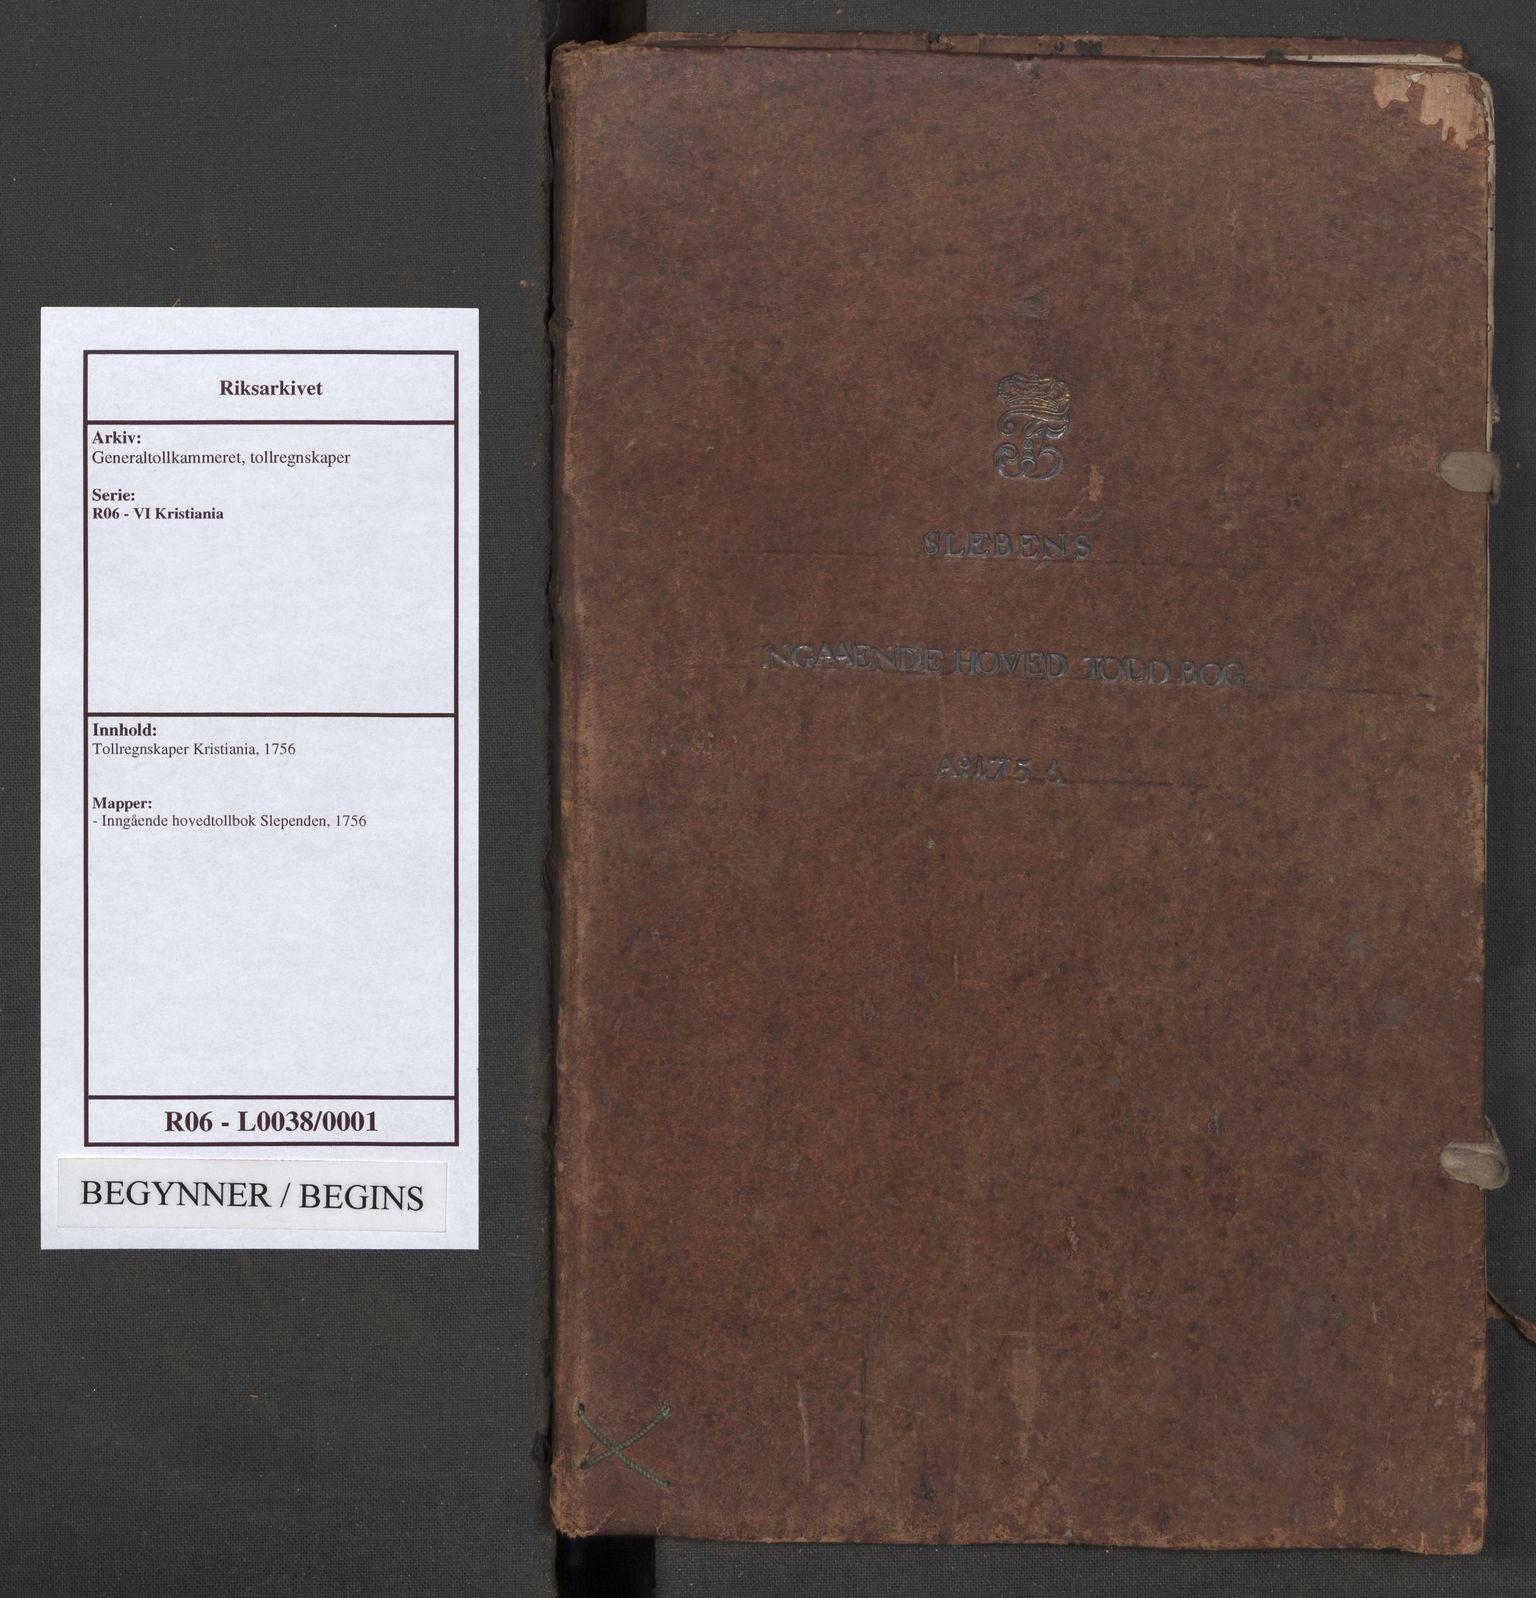 RA, Generaltollkammeret, tollregnskaper, R06/L0038: Tollregnskaper Kristiania, 1756